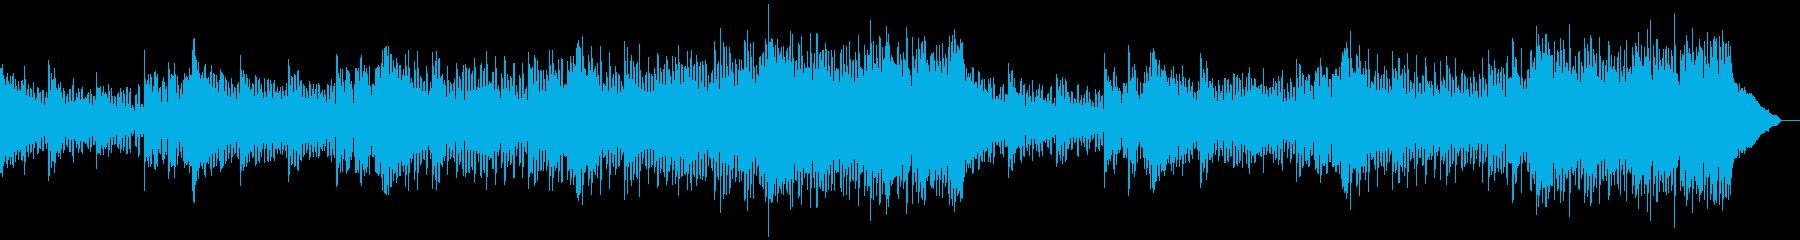 企業VP映像、168オーケストラ、爽快Lの再生済みの波形